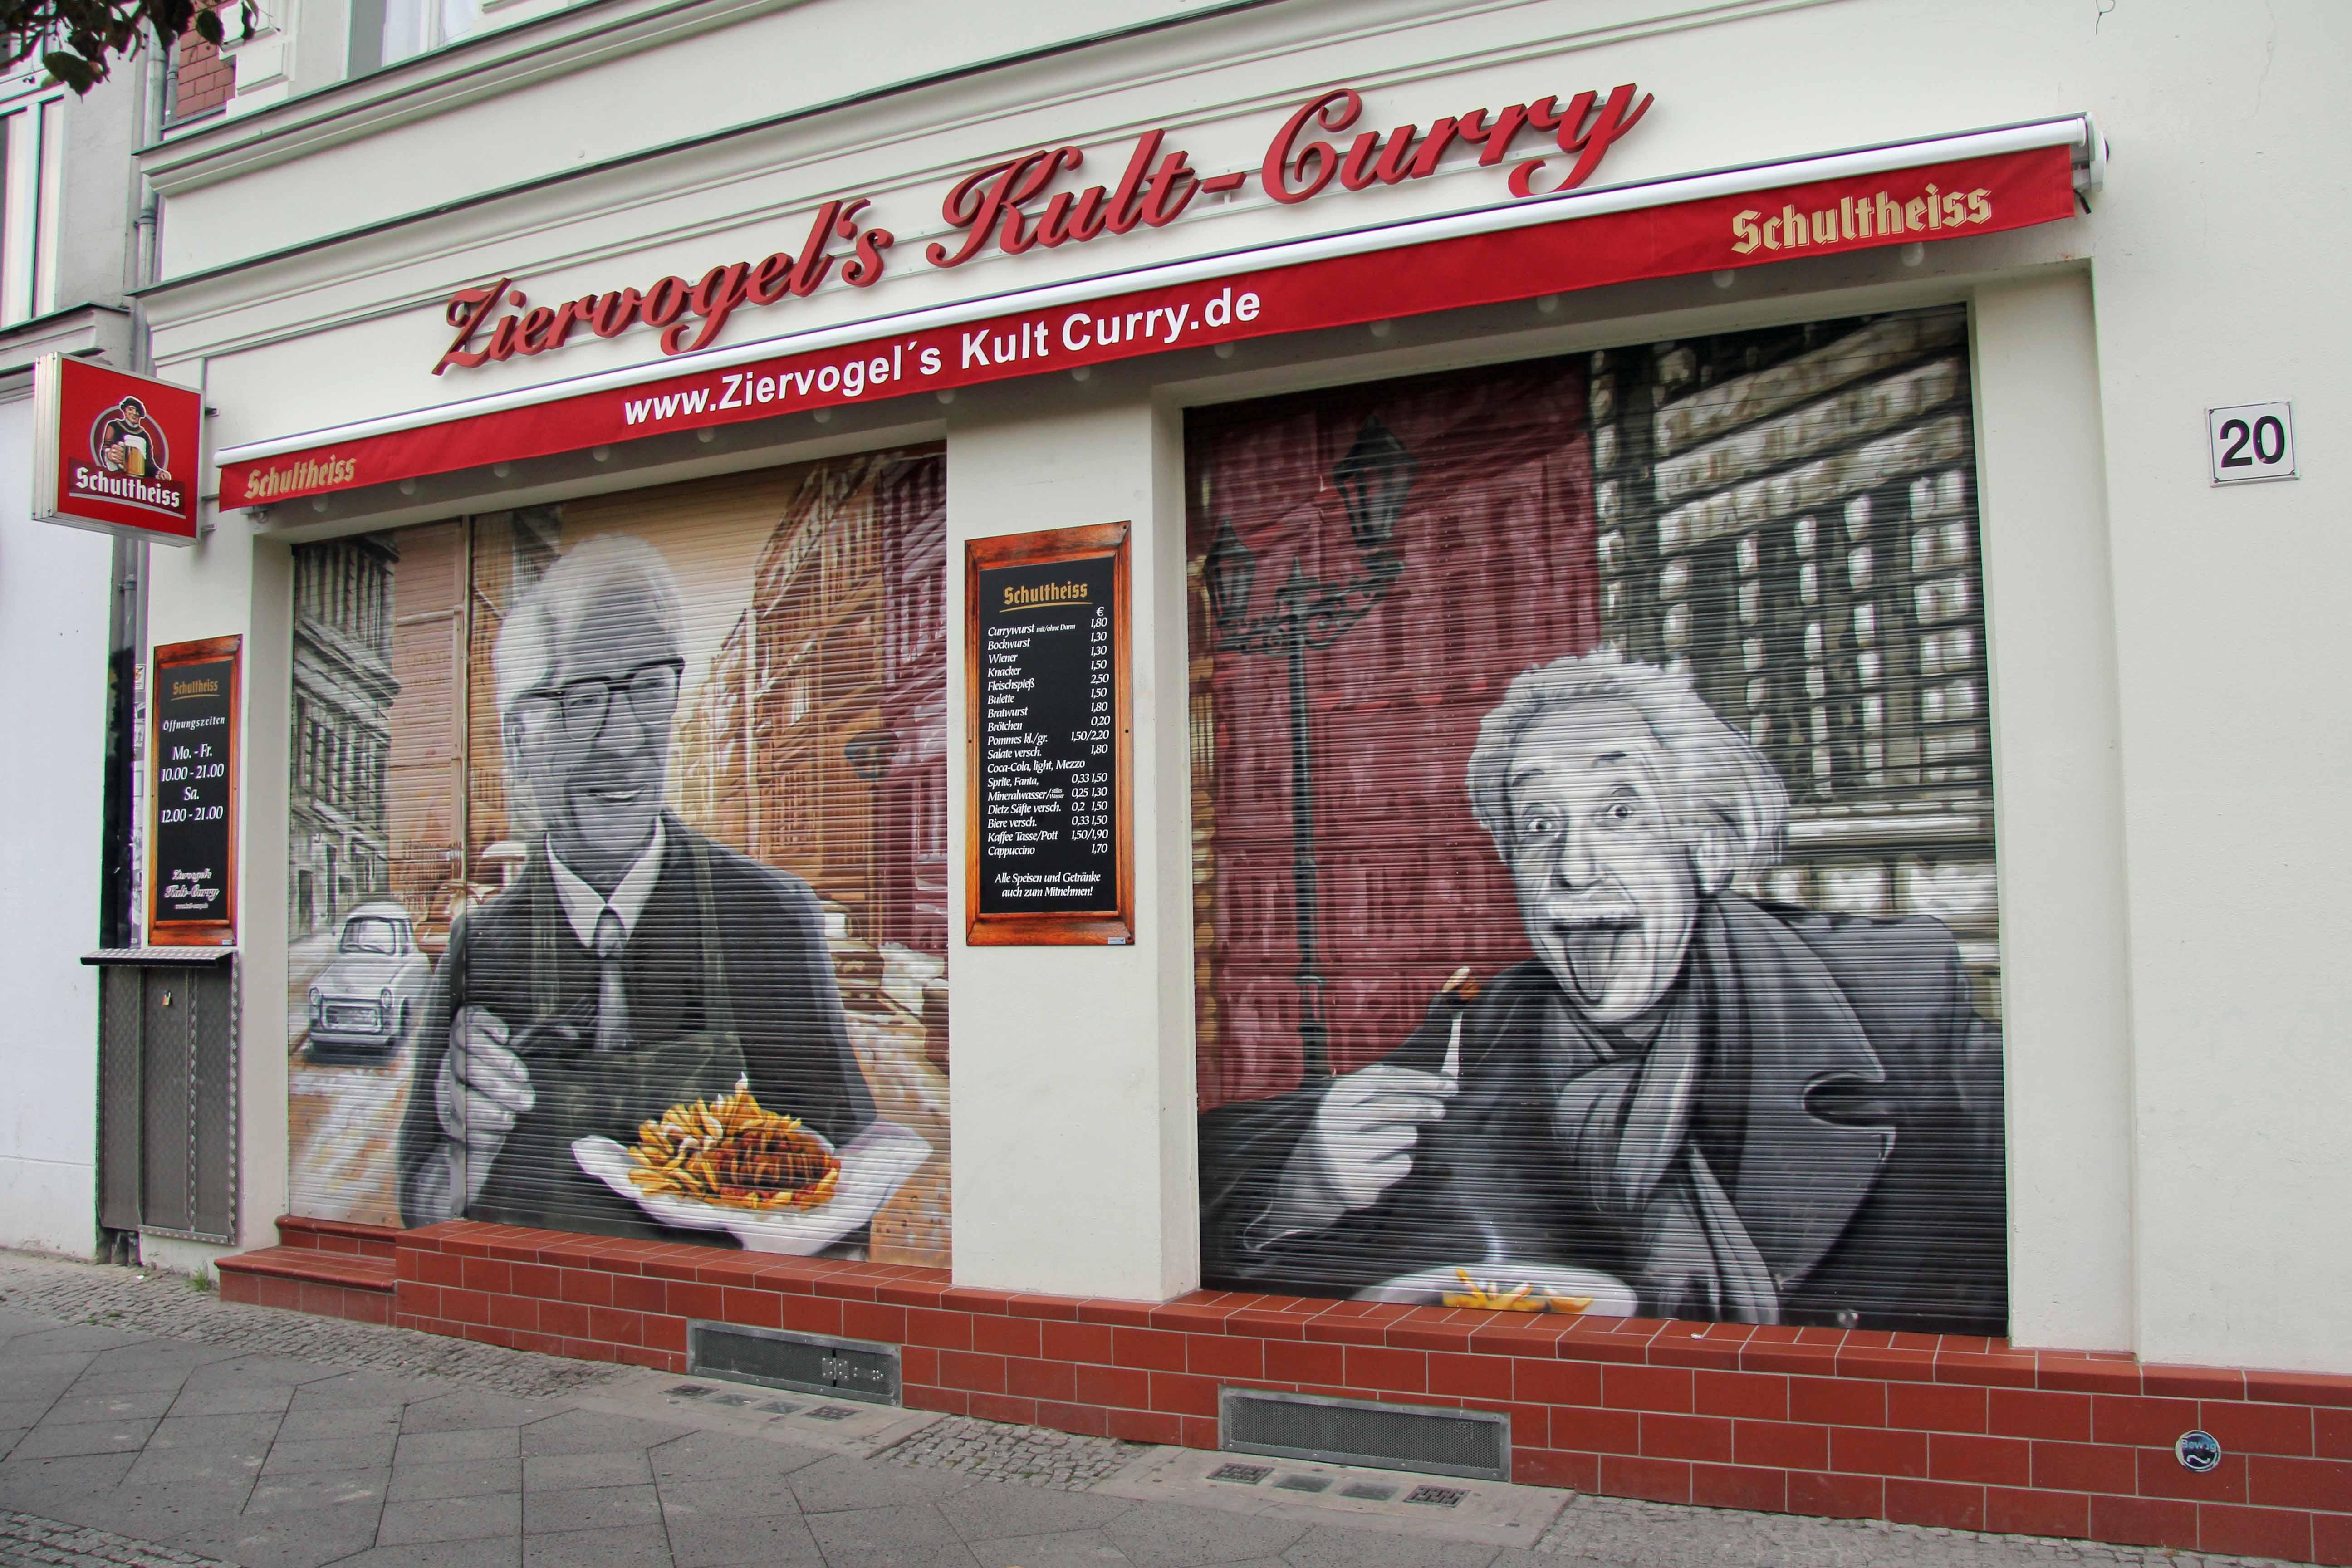 Ziervogel's Kult-Curry Imbiss on Schönhauser Allee in Berlin